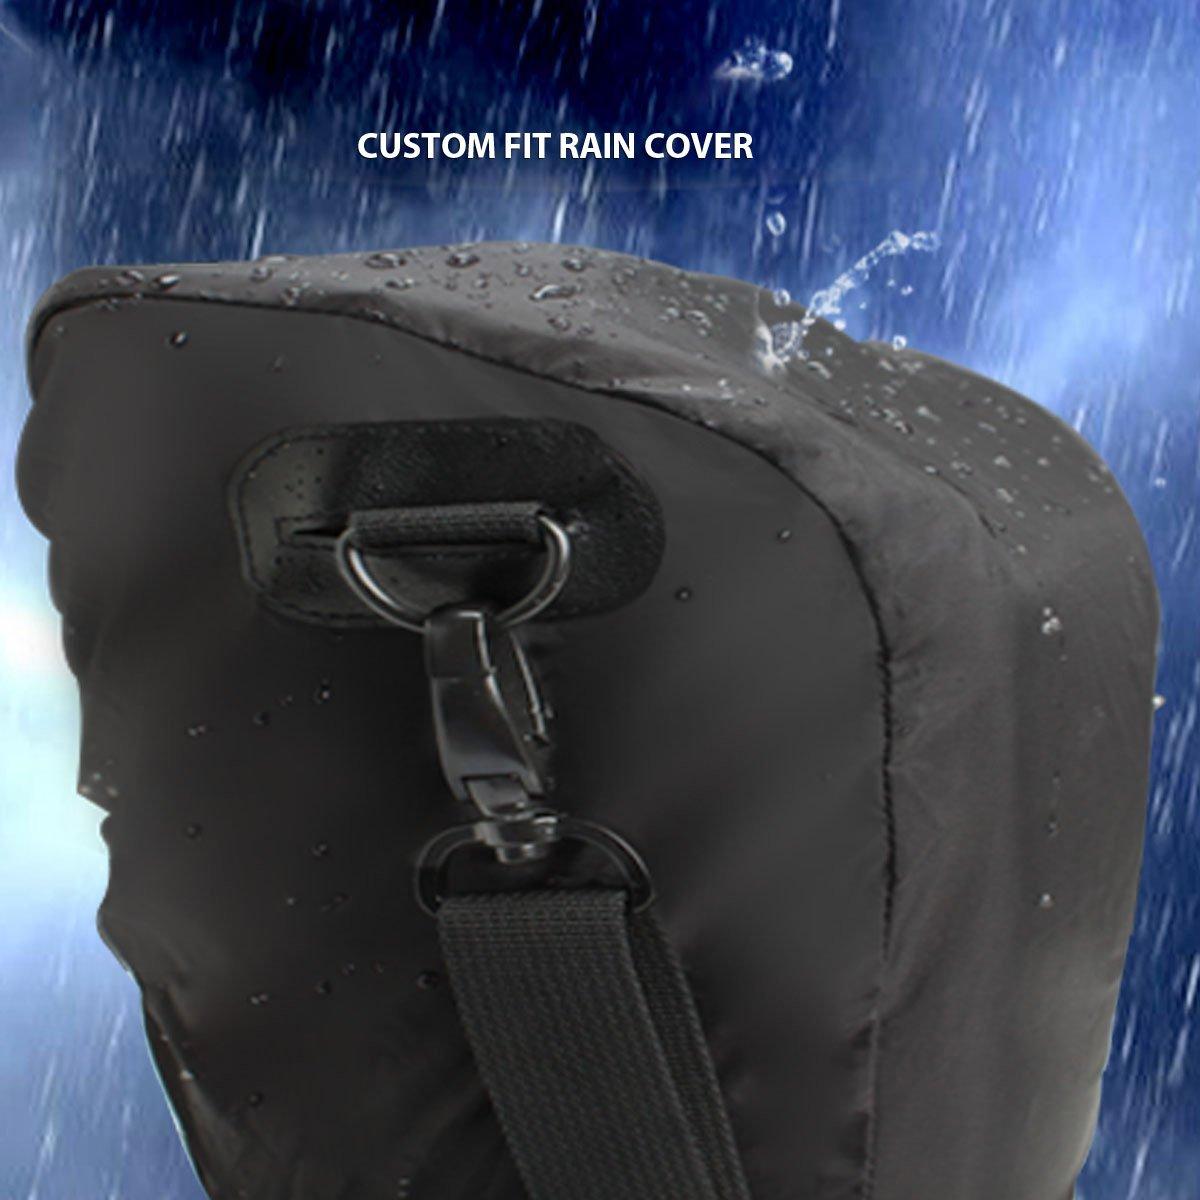 Pentax e Altri USA GEAR Borsa a Tracolla Impermeabile Custodia Fondina Per Fotocamere DSLR SLR con Obiettivi da 18-135mm//18-55mm Per Canon EOS 750D Floreale Nikon D3300 100D